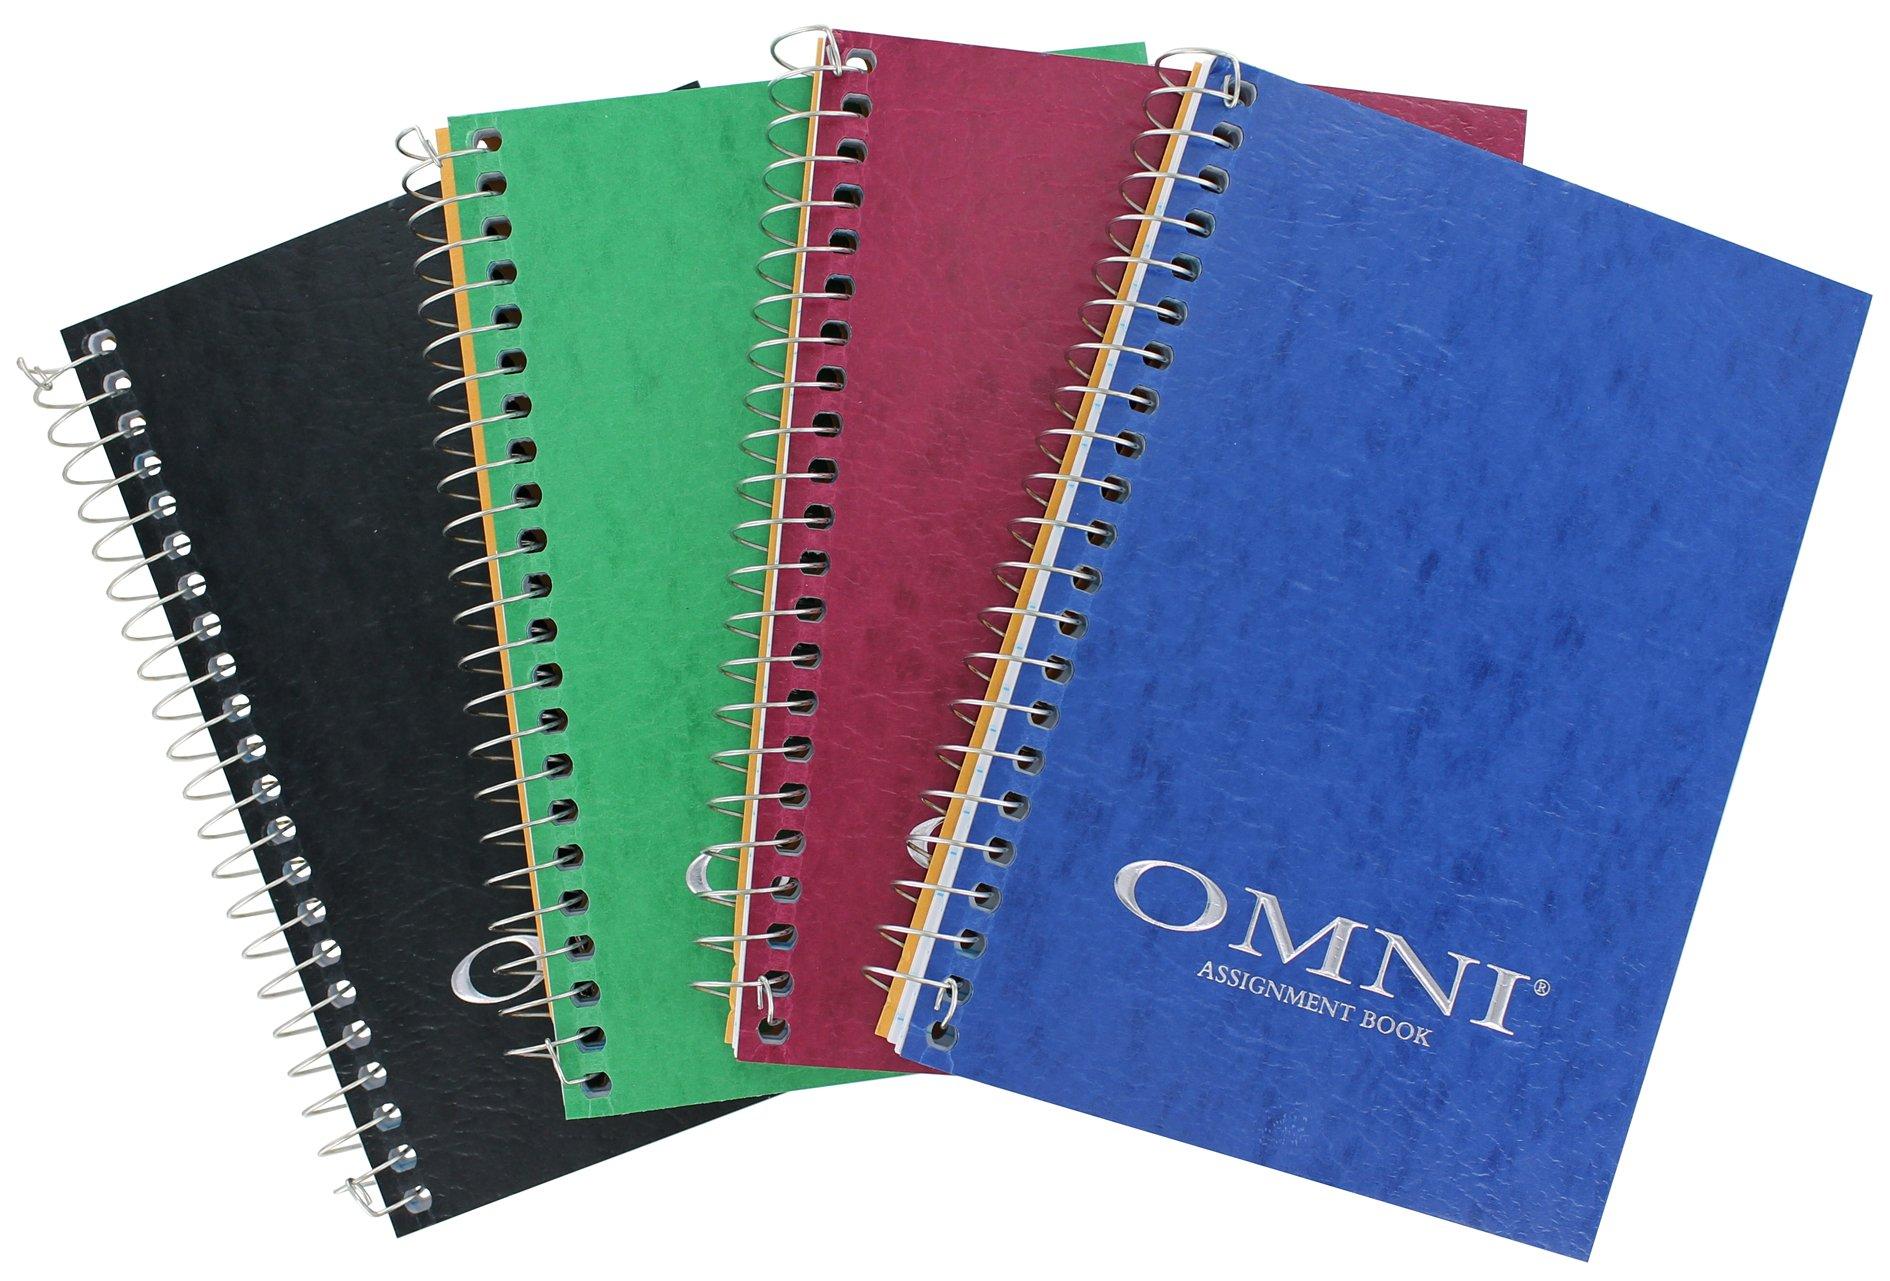 Norcom 77316-12 7'' x 5'' Omni Assignment Book Assorted Colors